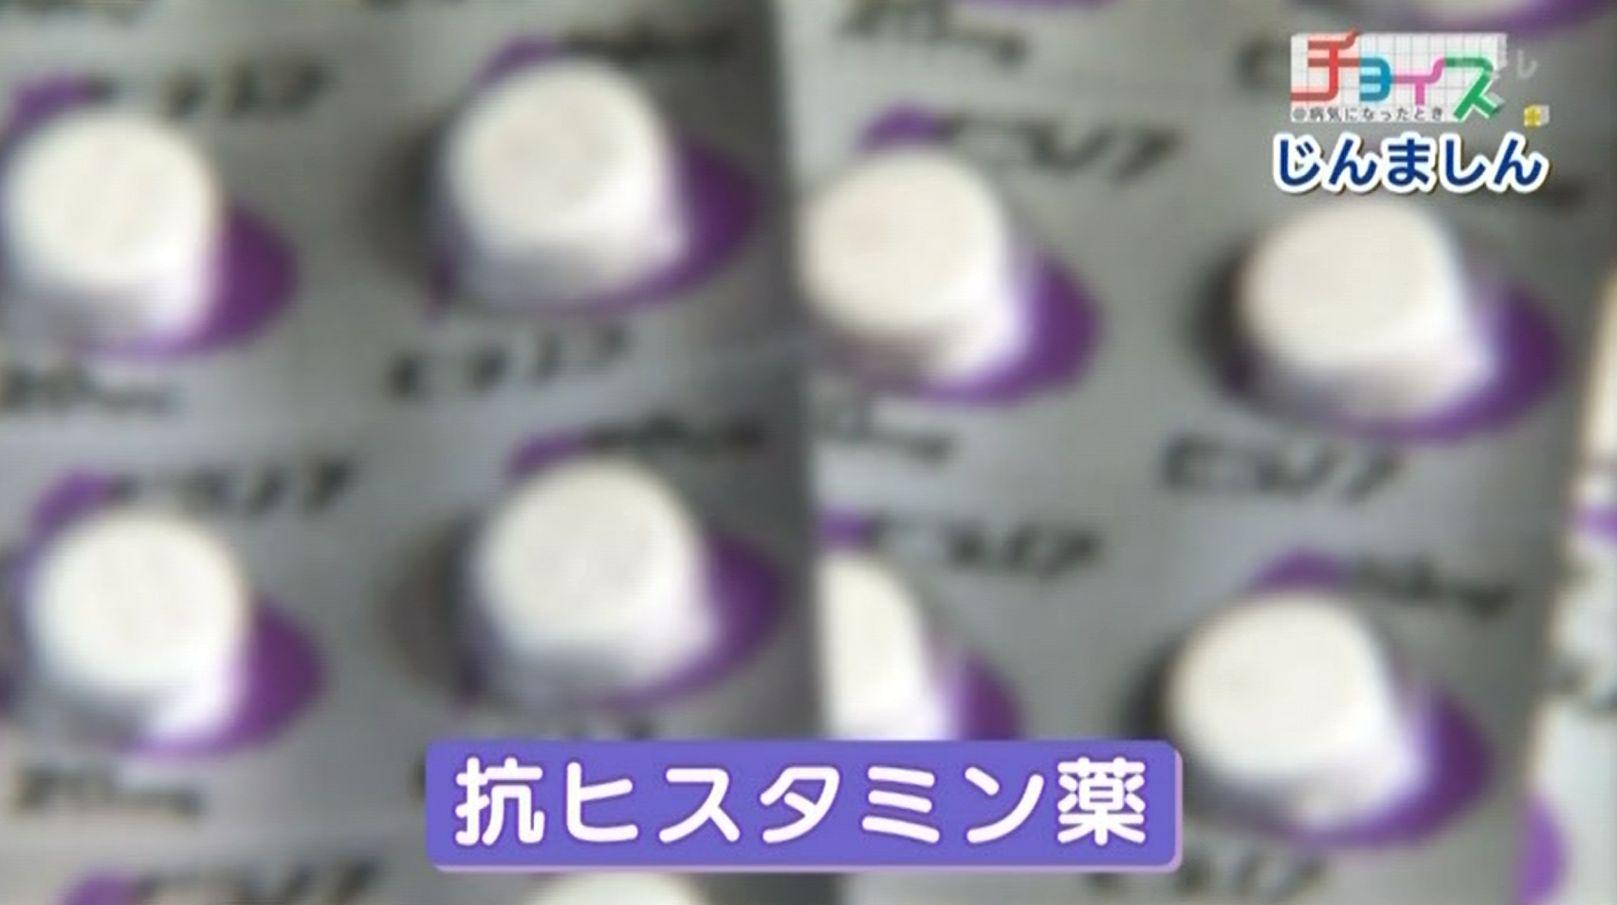 じんましん(蕁麻疹)の基本となる治療薬「抗ヒスタミン薬」